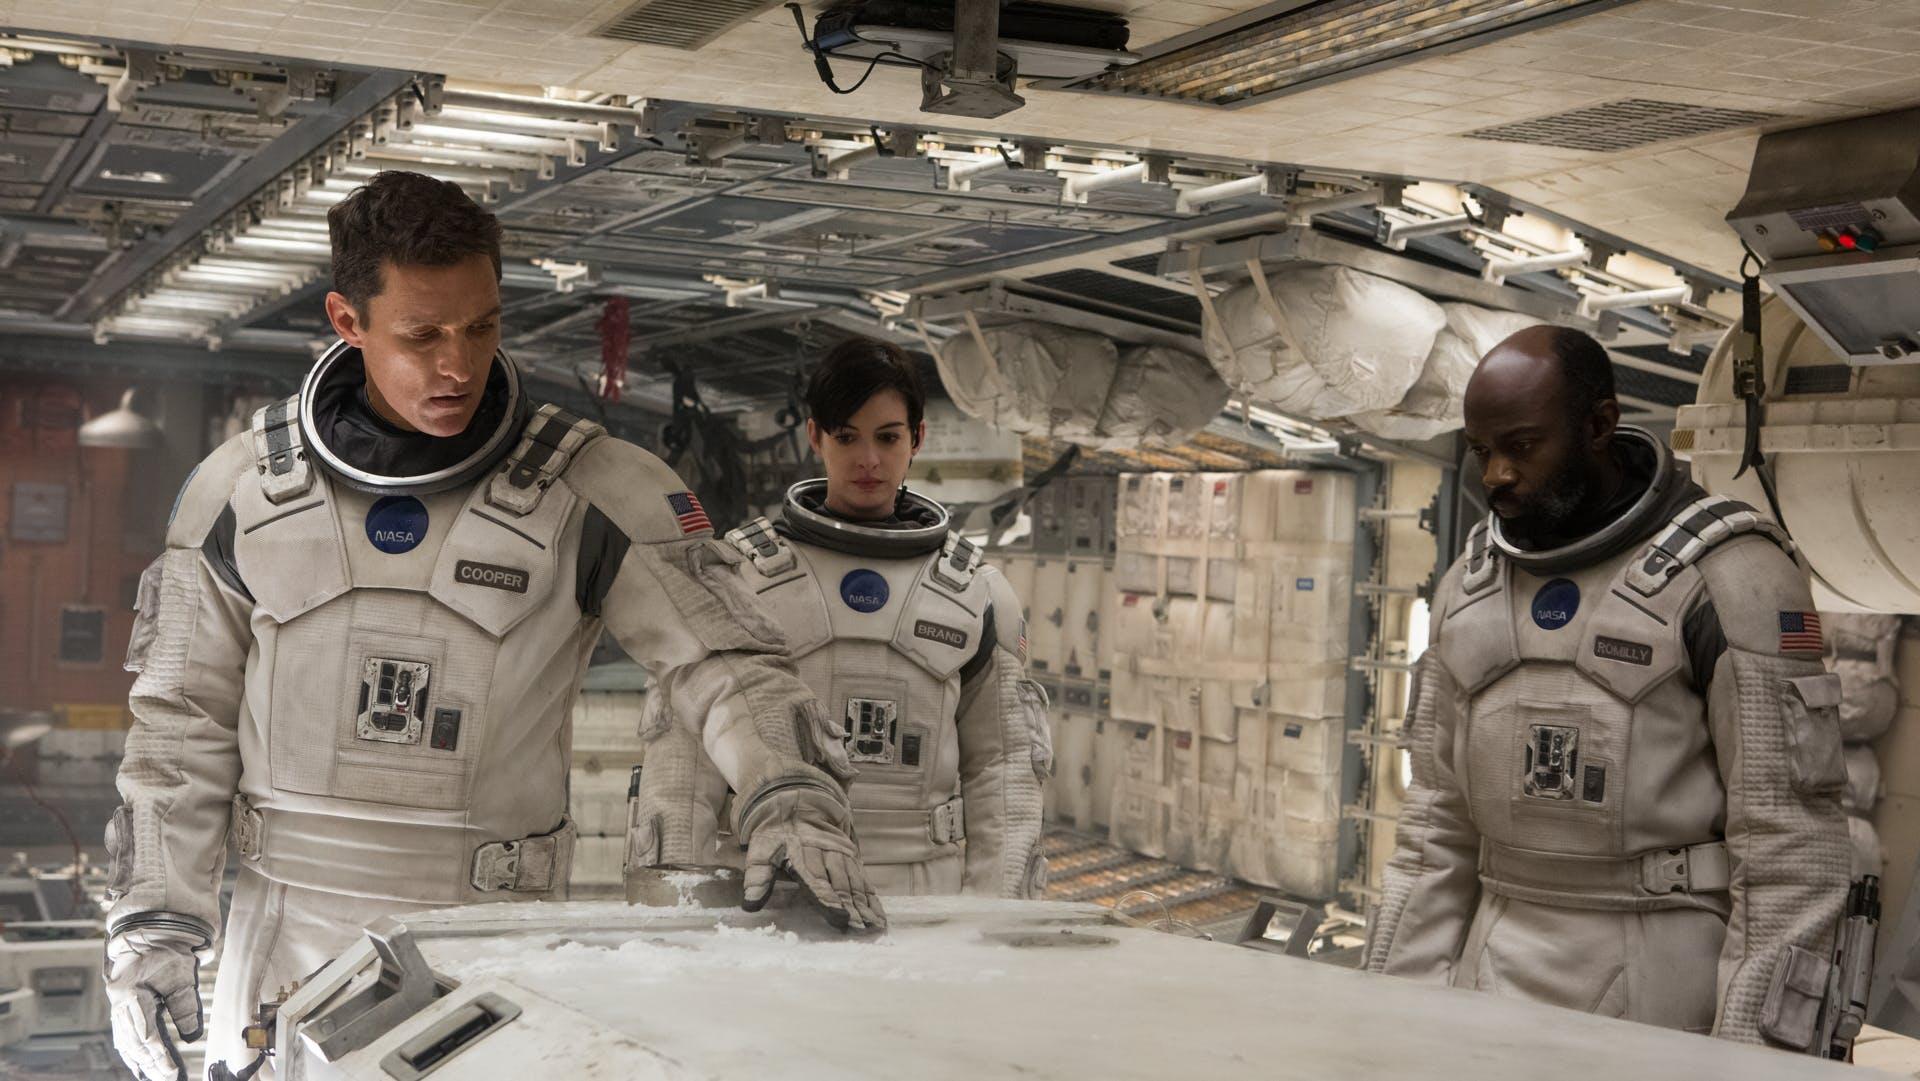 Christopher Nolan: Interstellar